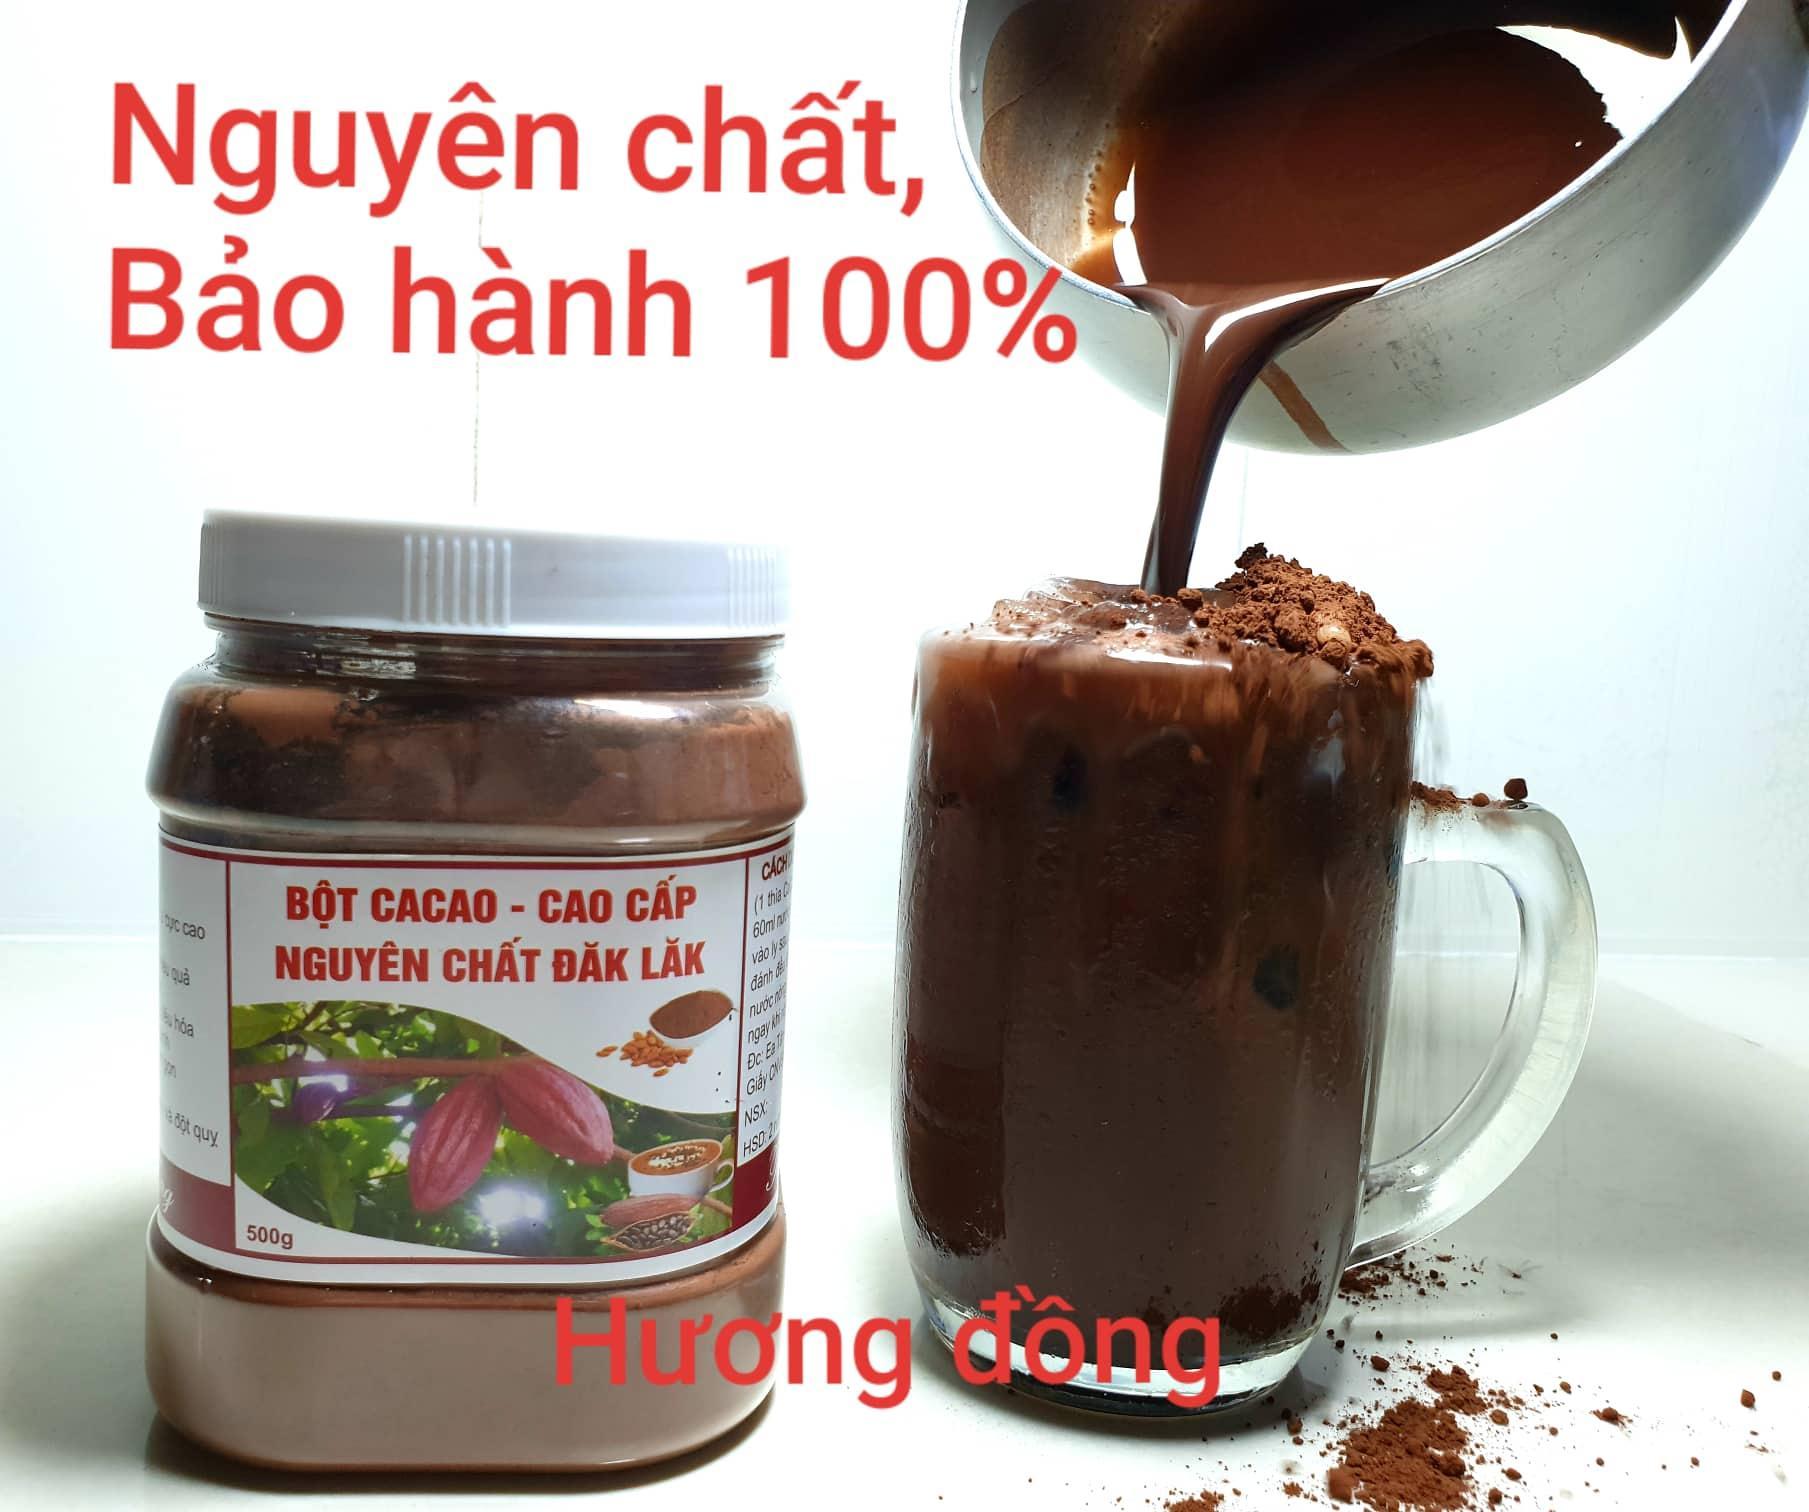 Mã Khuyến Mại tại Lazada cho Bột Cacao Đăk Lăk Nguyên Chất ( Hũ 500g )